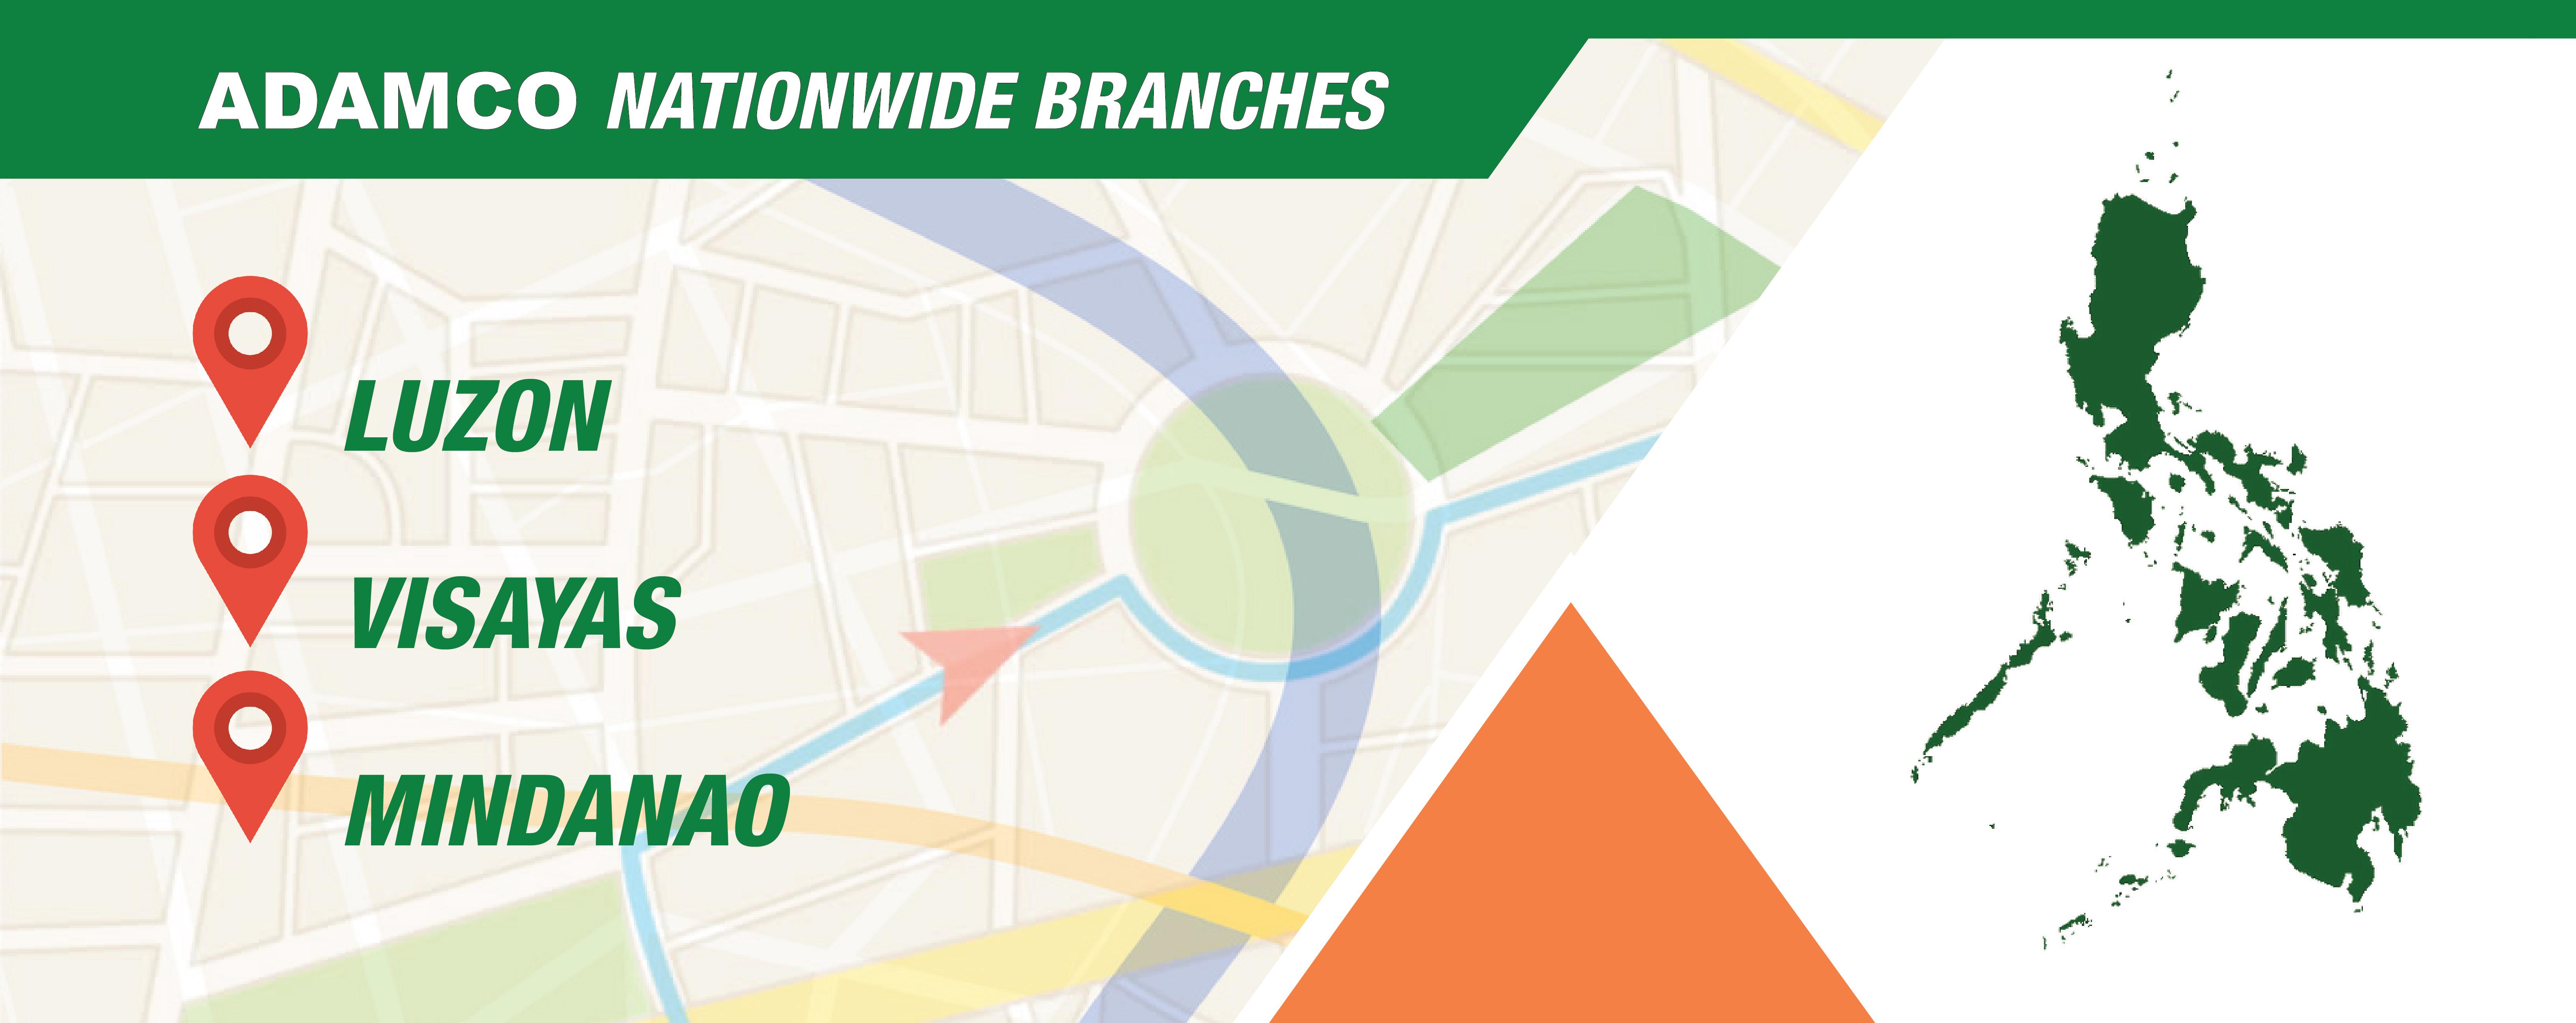 adamco_slider_branches-01